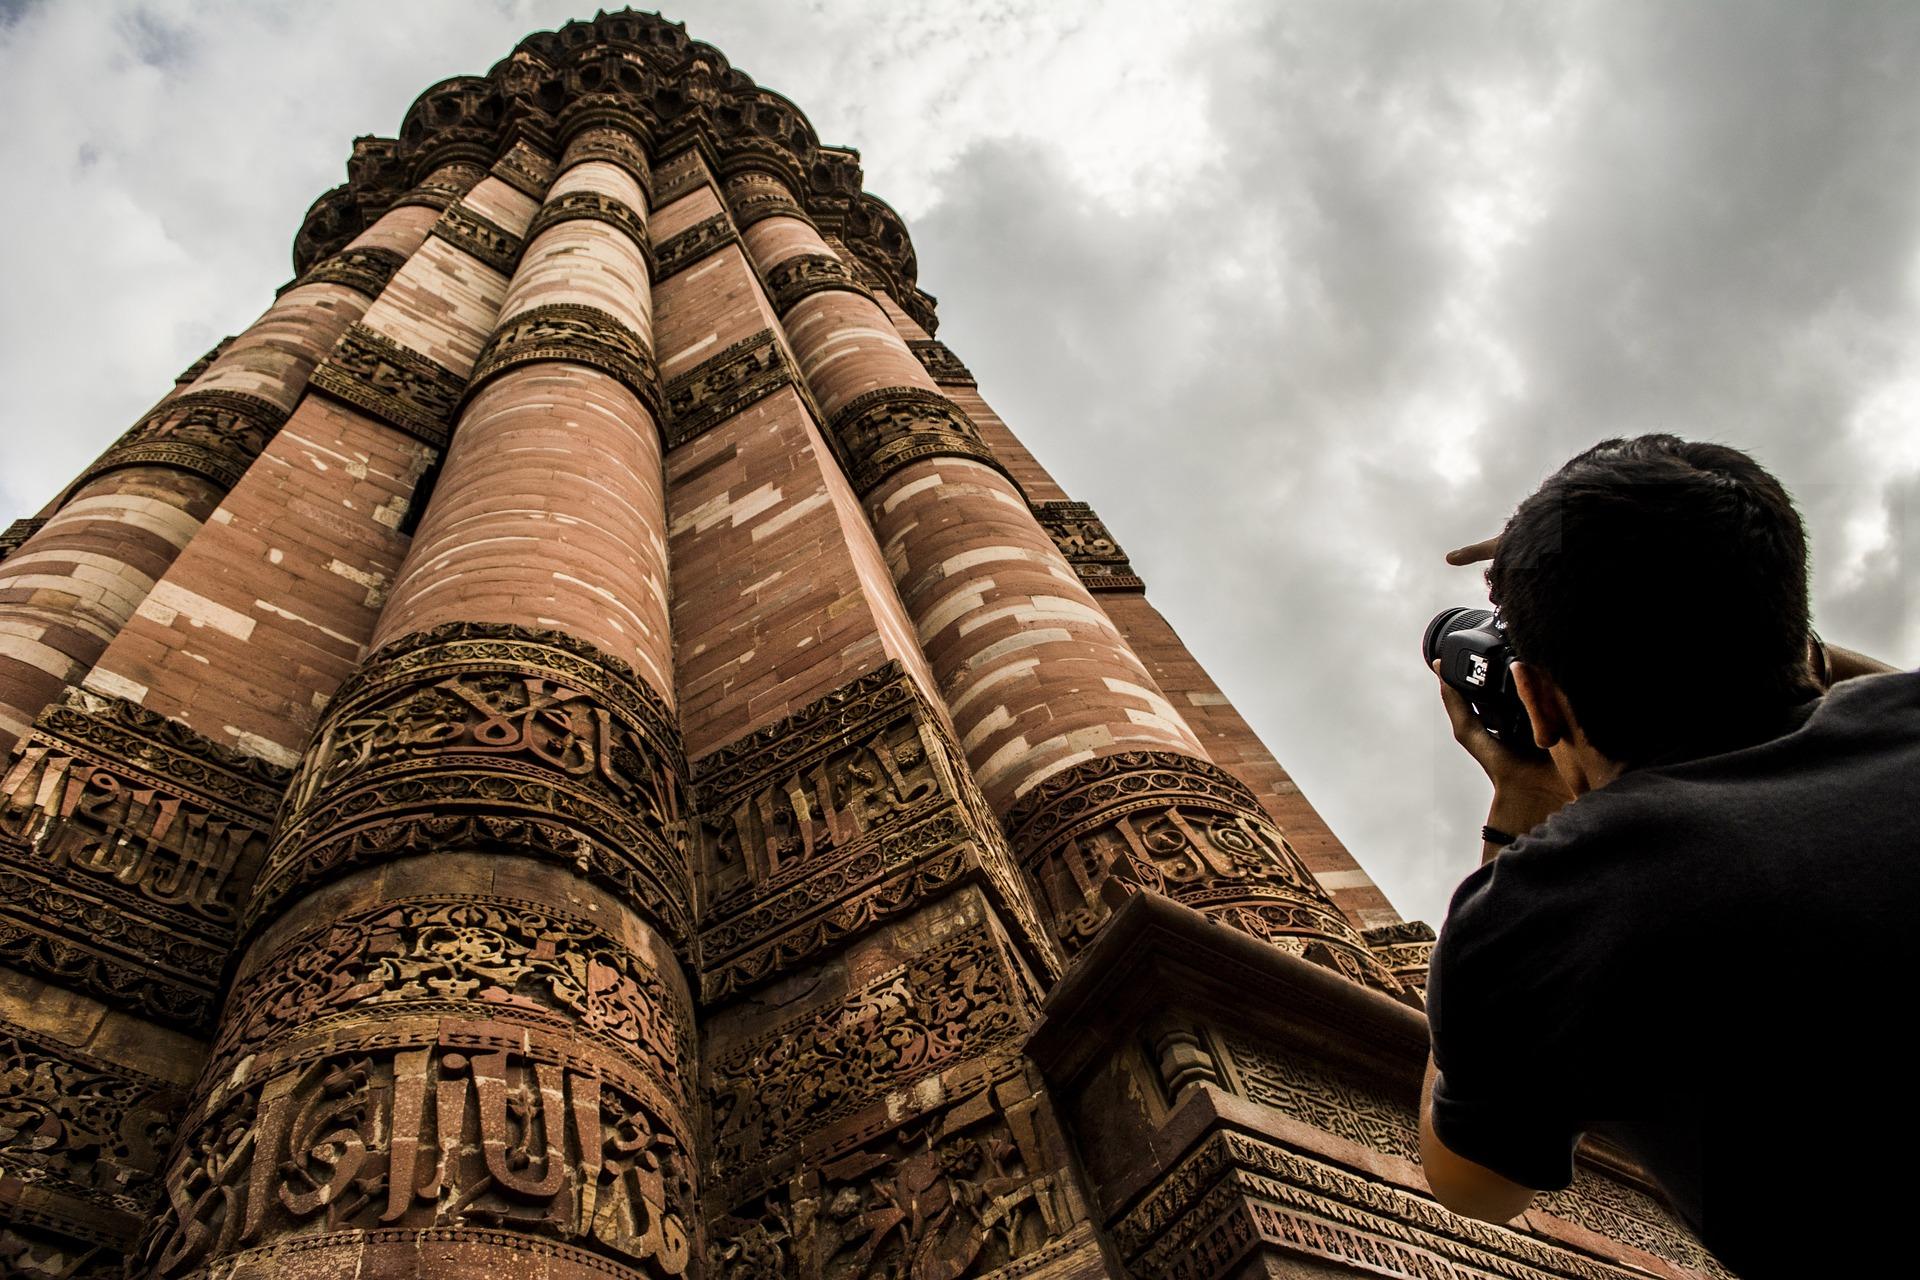 A Quick Peep Into History Of Qutub Minar